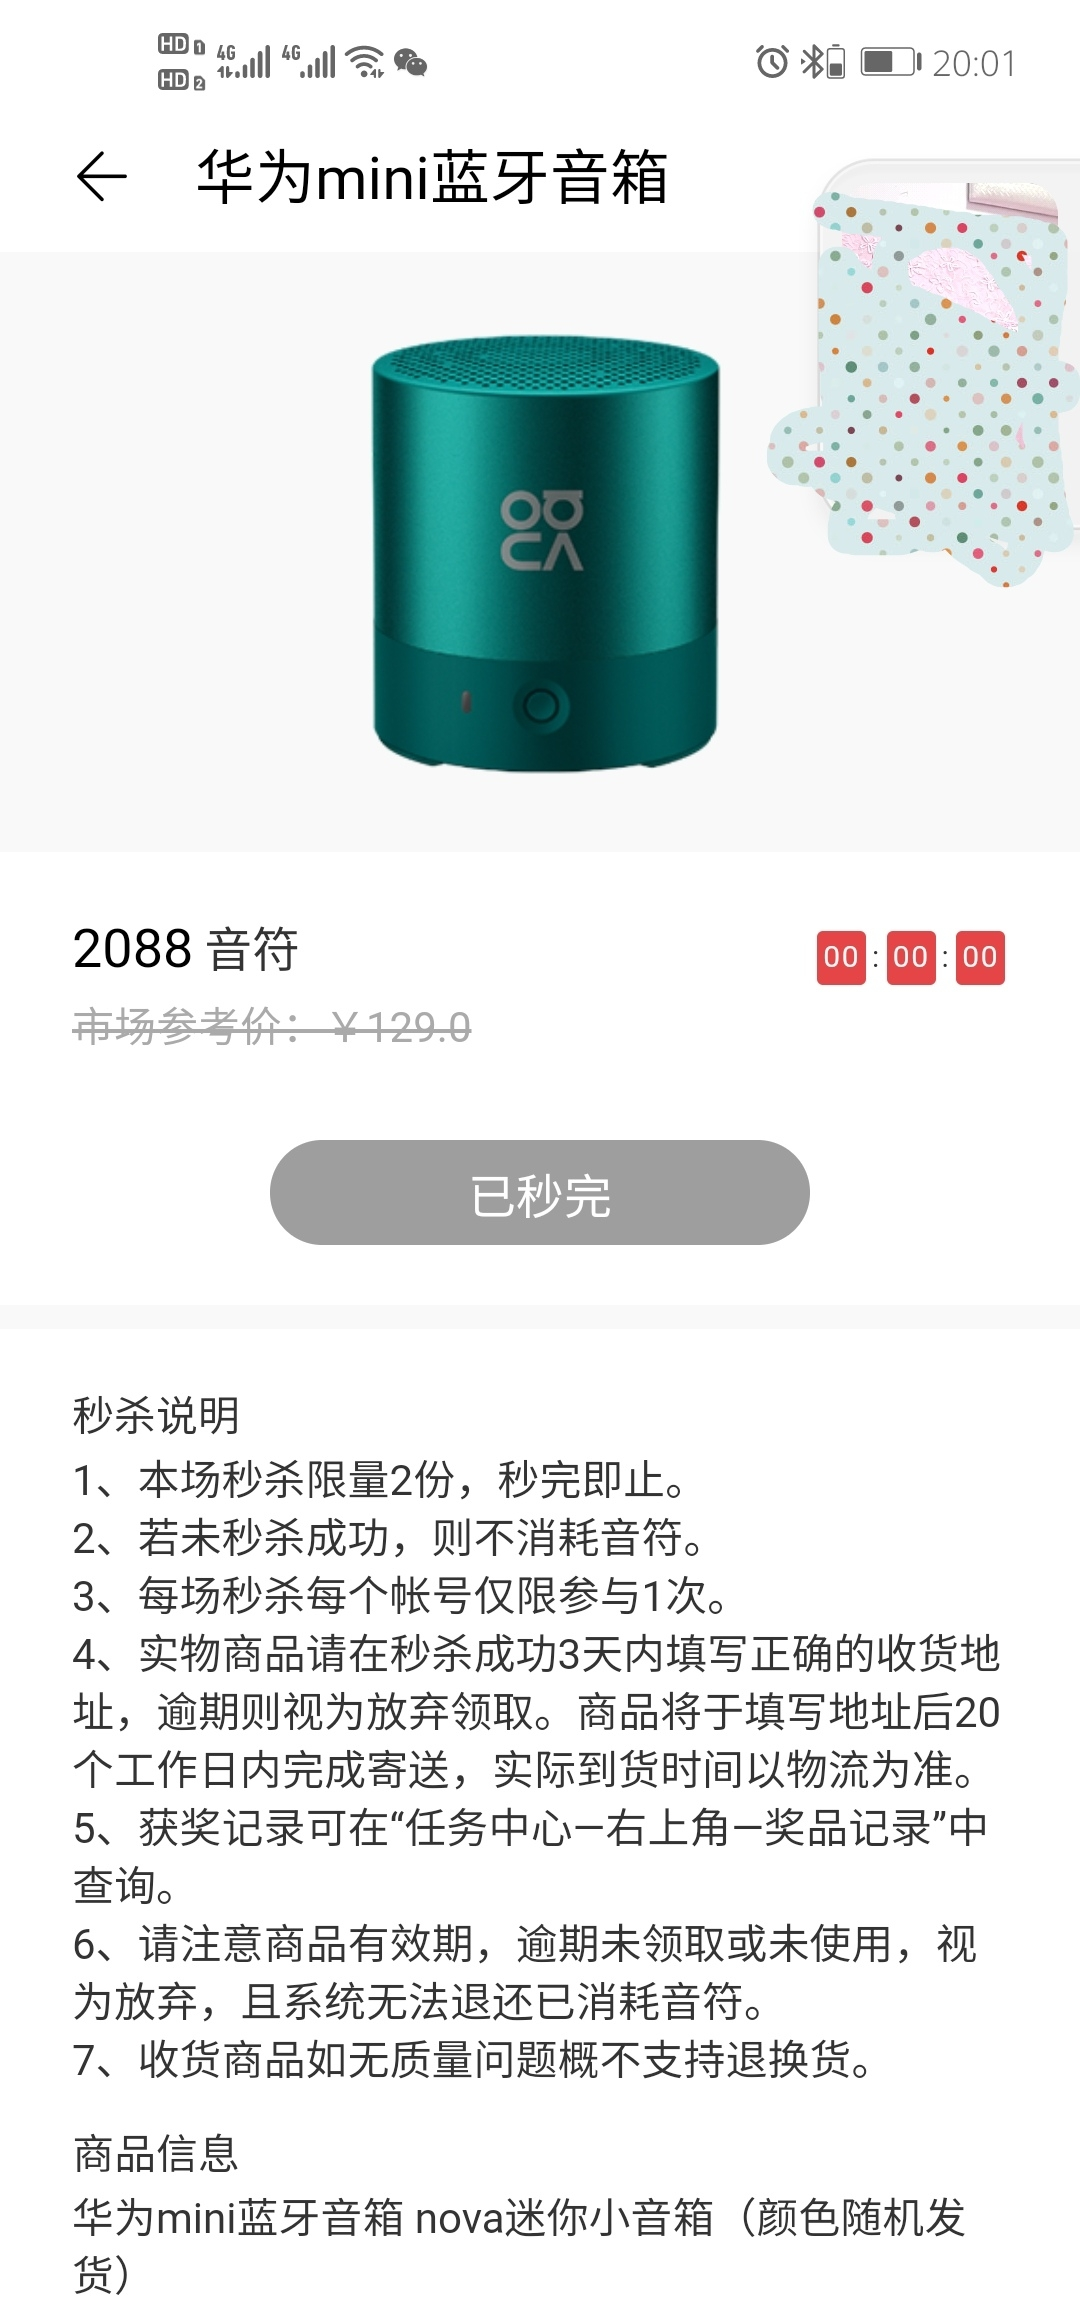 Screenshot_20200910_205030.jpg